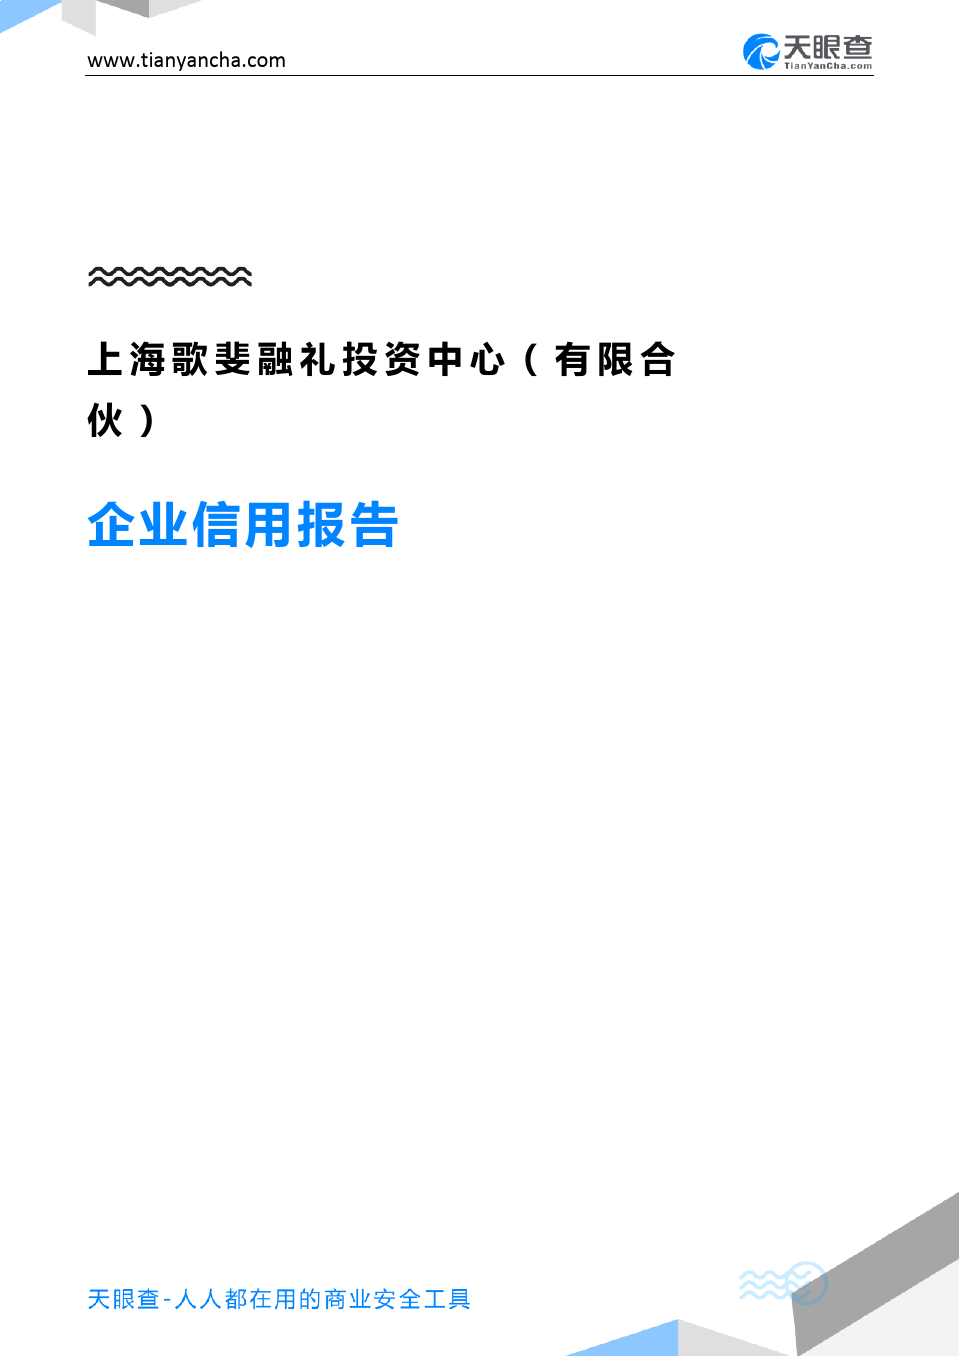 上海歌斐融礼投资中心(有限合伙)企业信用报告-天眼查